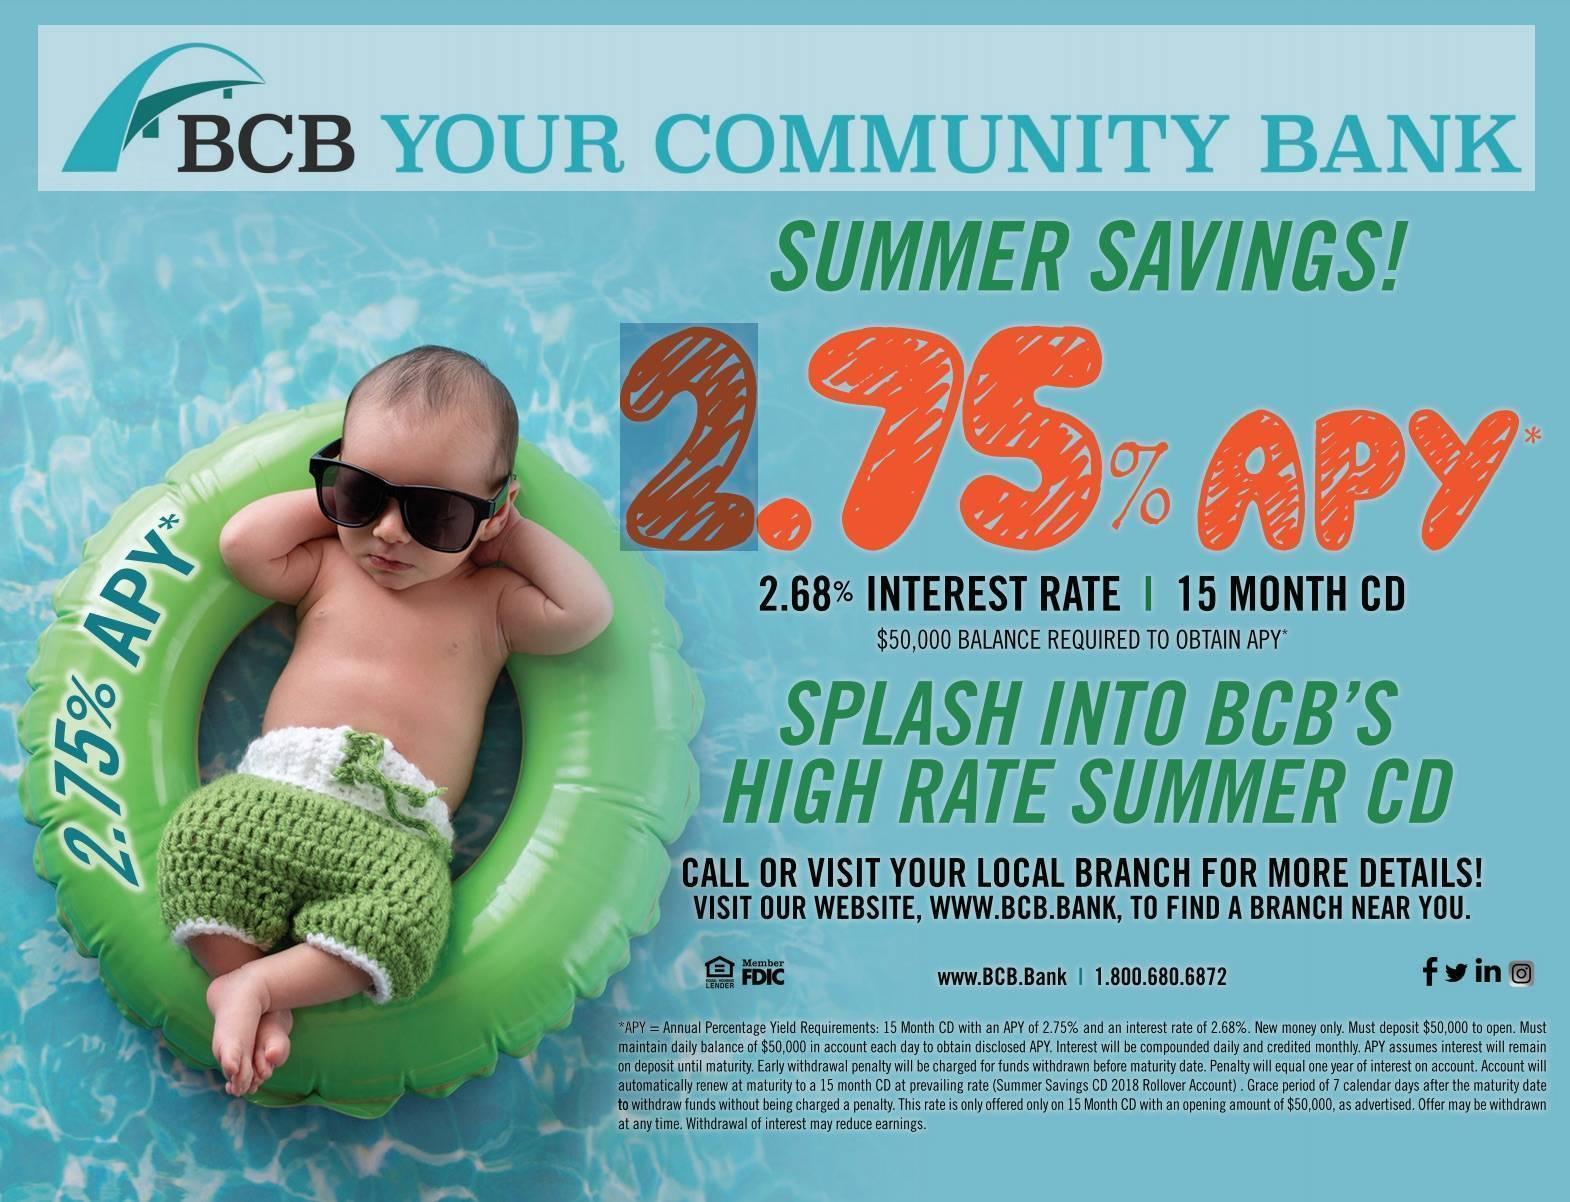 5ff50b38b1e27b4fdc96_0a85a85e3c11419287bd_bcb_community_bank_summer_cd.jpg